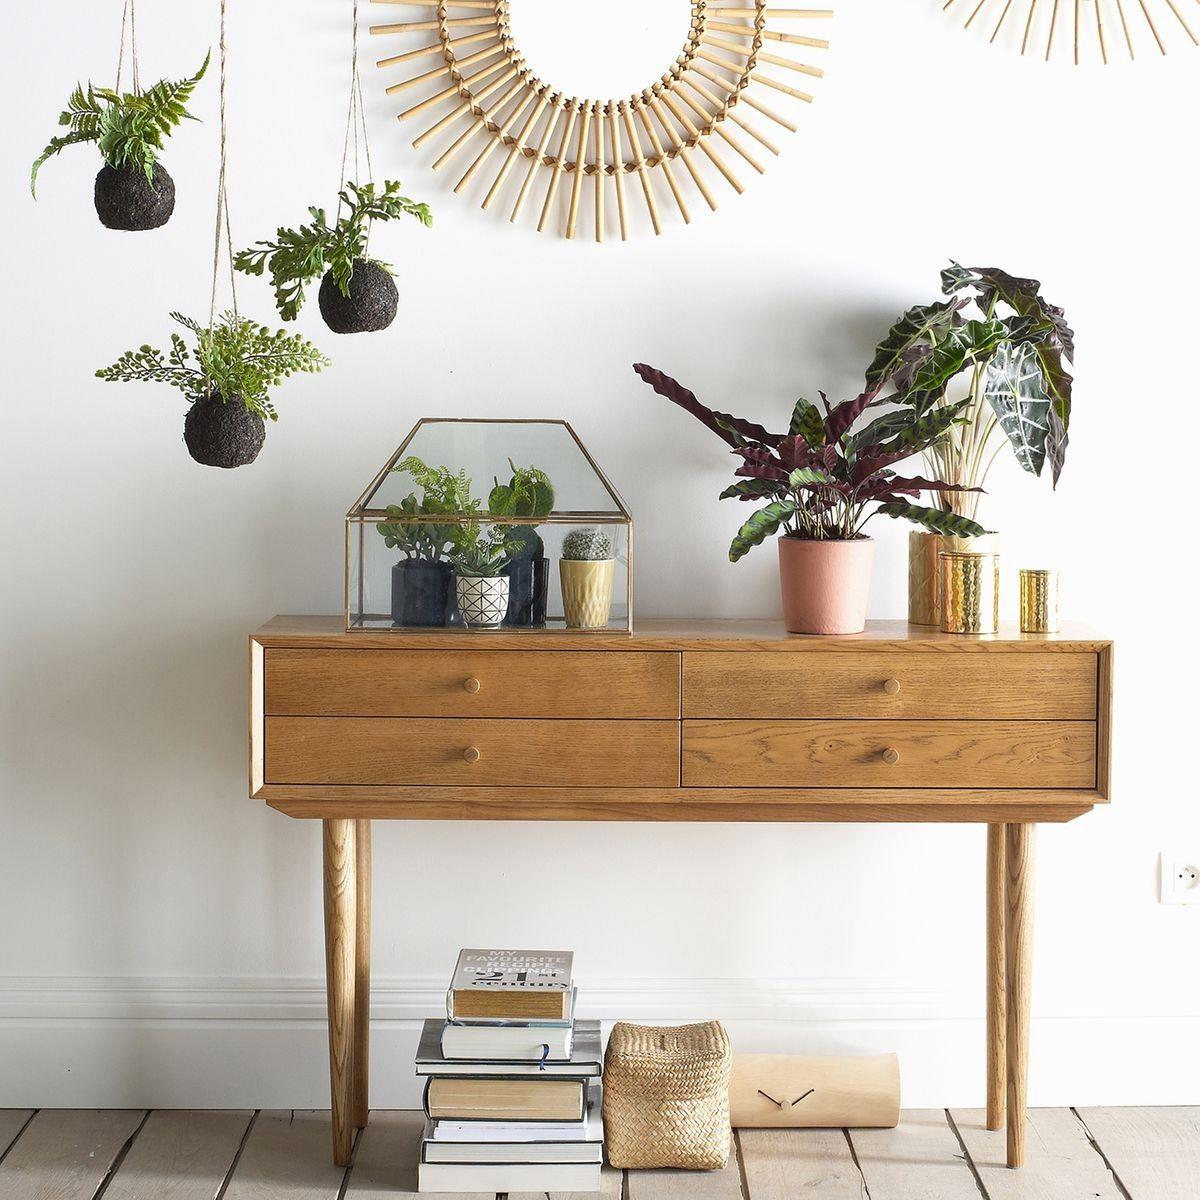 pour votre entr e une console en ch ne massif tr s ann e 70 un style vintage elle se marie. Black Bedroom Furniture Sets. Home Design Ideas